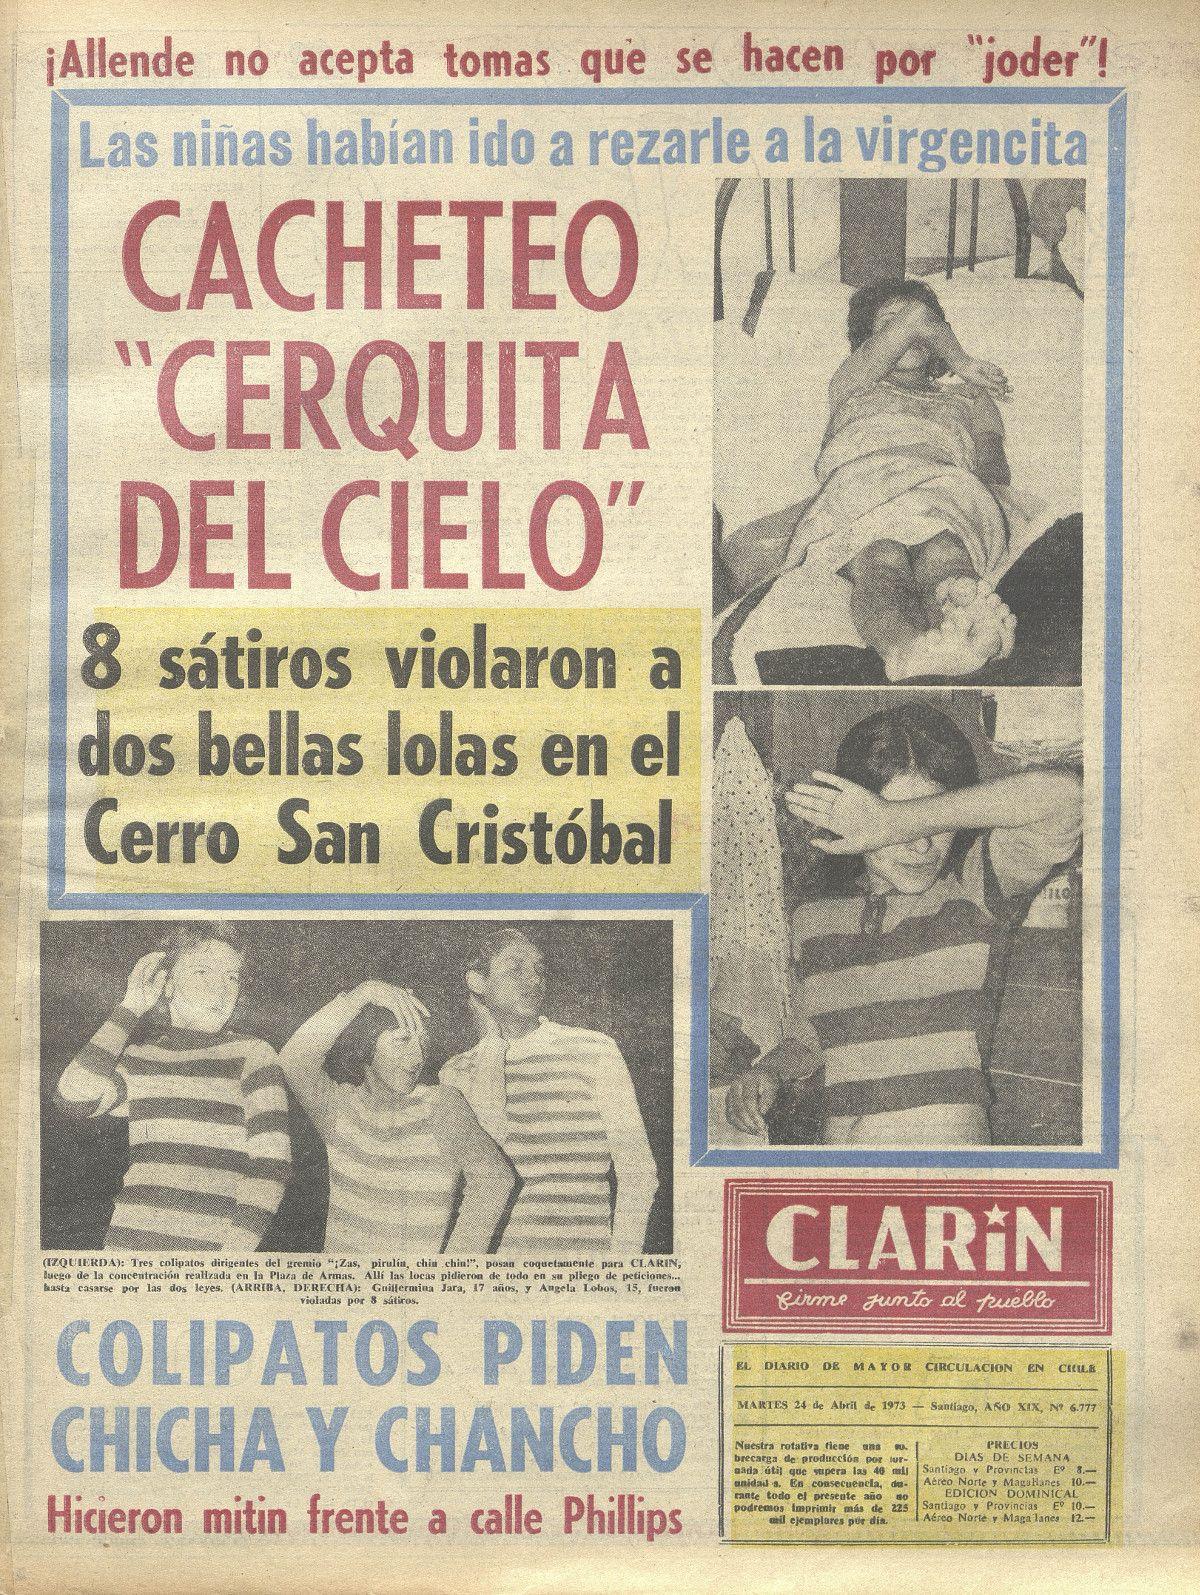 El Clarin Colipatos piden Chicha y Chancho